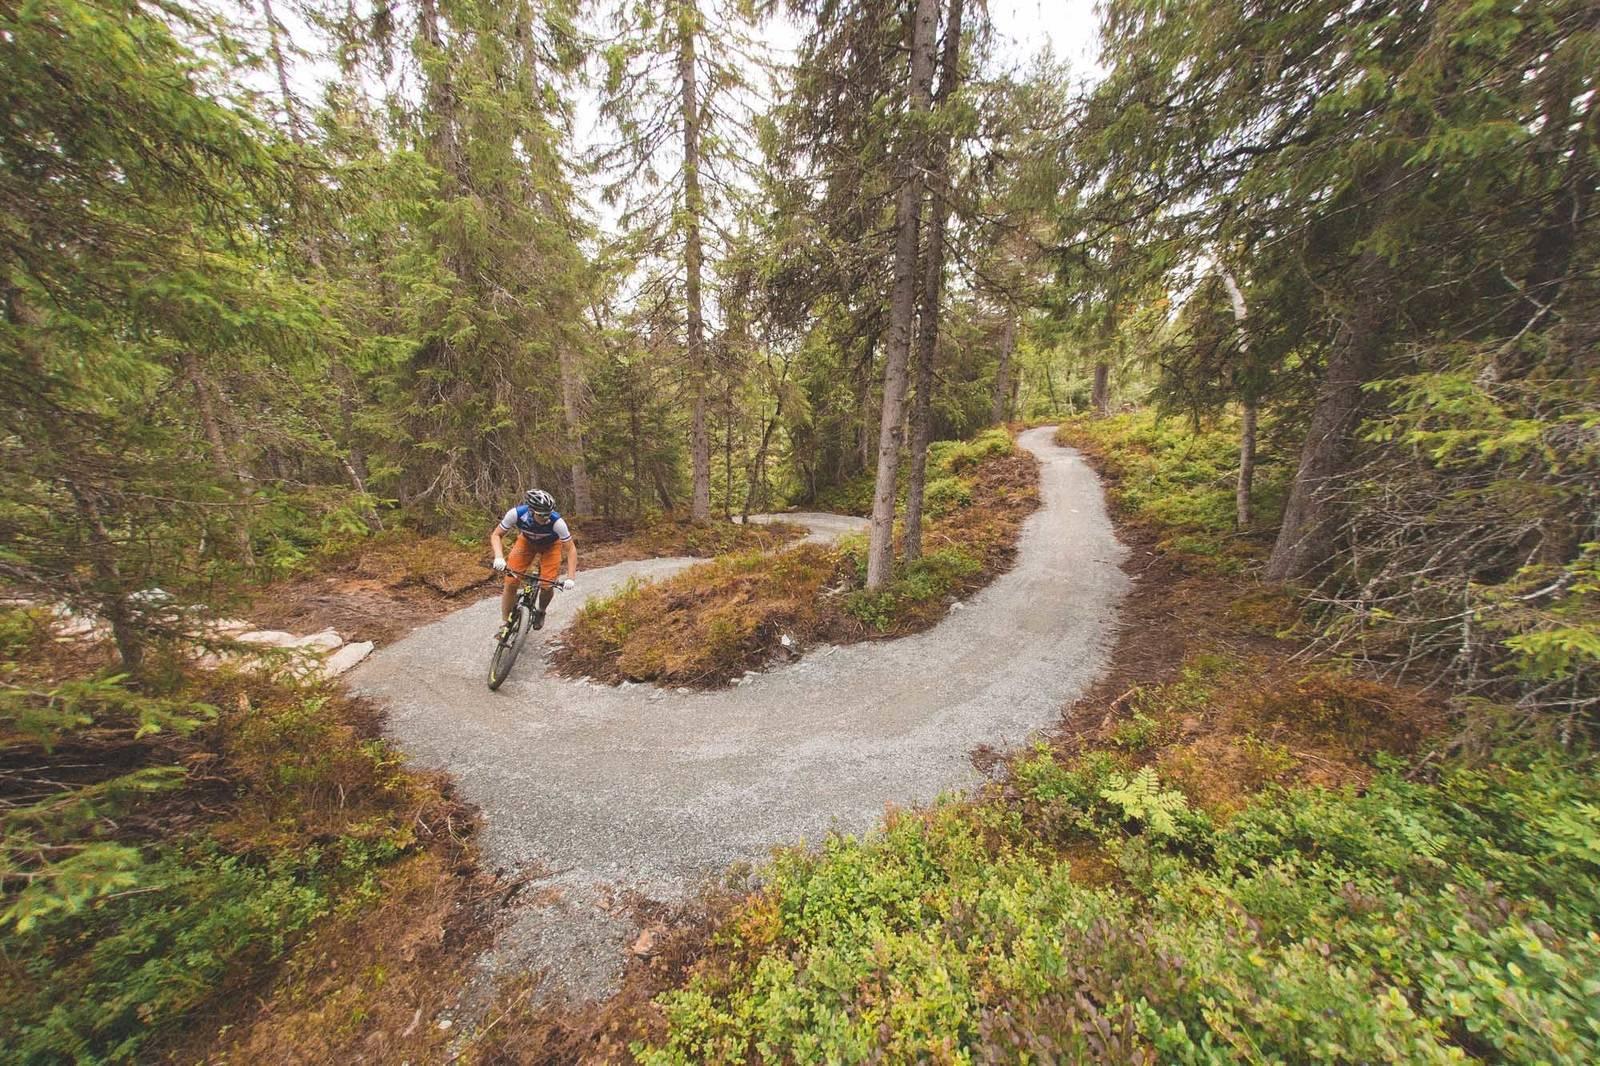 nilsbyen sykkel terrengsykkel